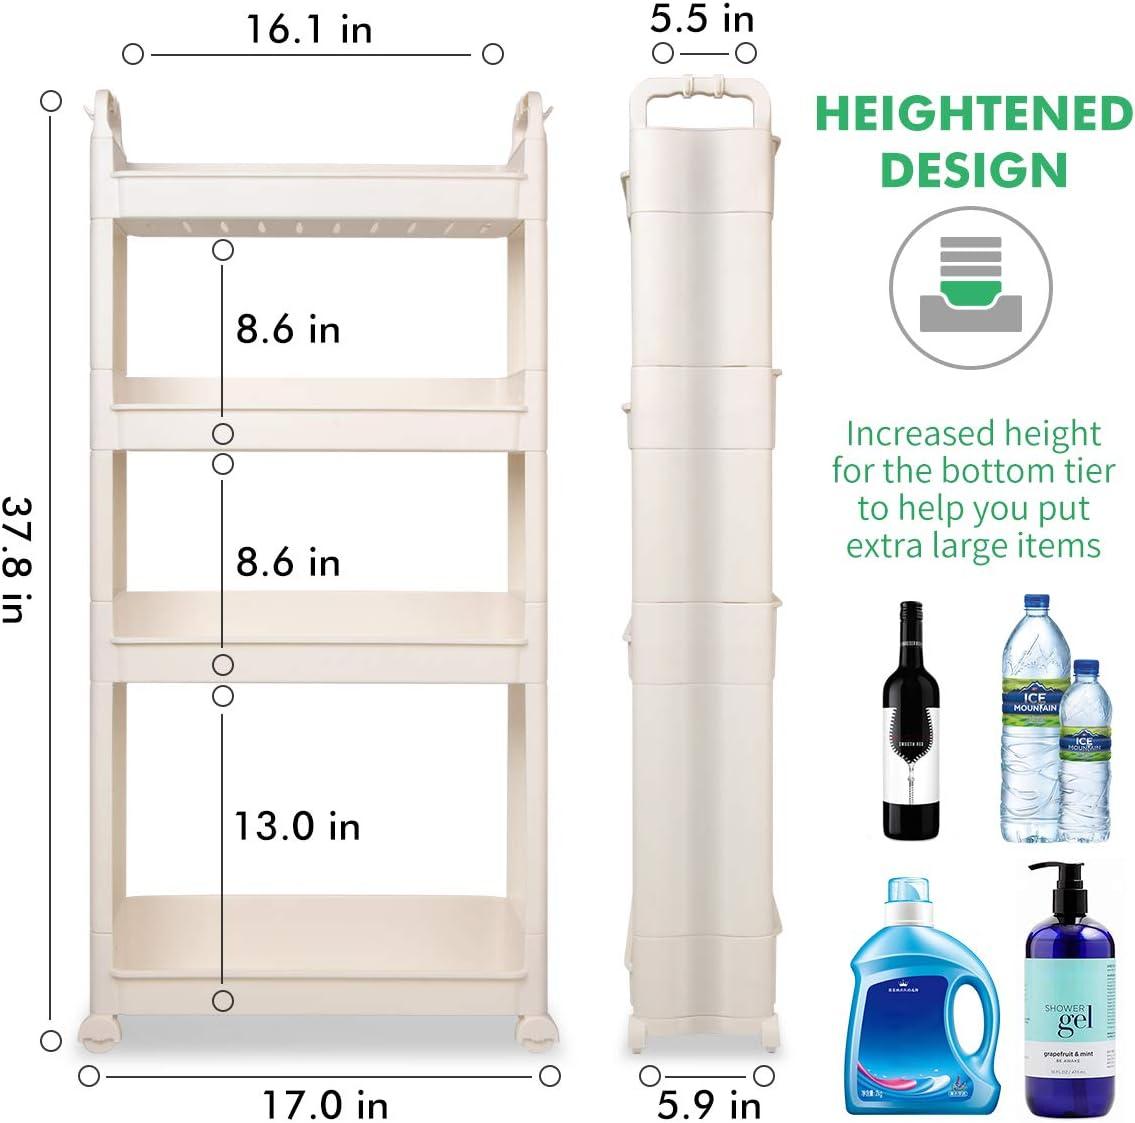 4 Tier Home-Man Gap Storage Narrow Home Organizer Rack Slim Home Garden Storage Rack Kitchen Bathroom Cart Tower Flower Pot Holder with Wheels